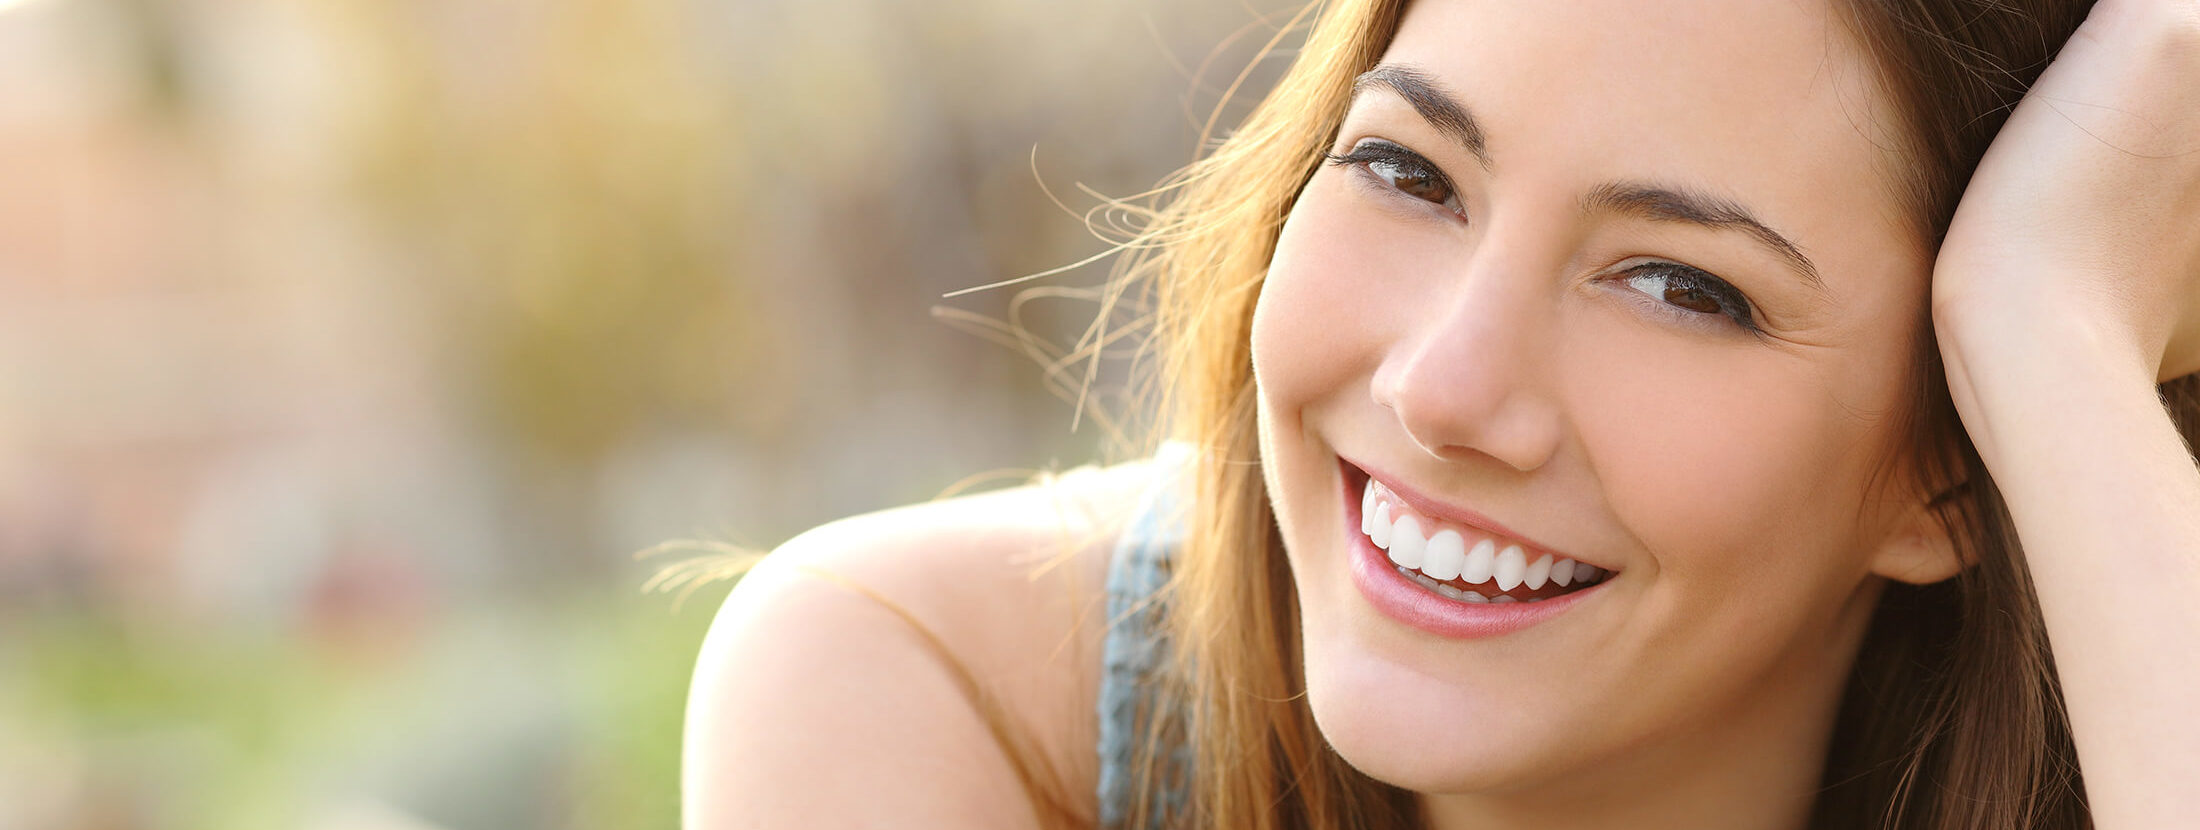 Zahnarztpraxis Dentavia Rödelheim glückliche Patientin Header